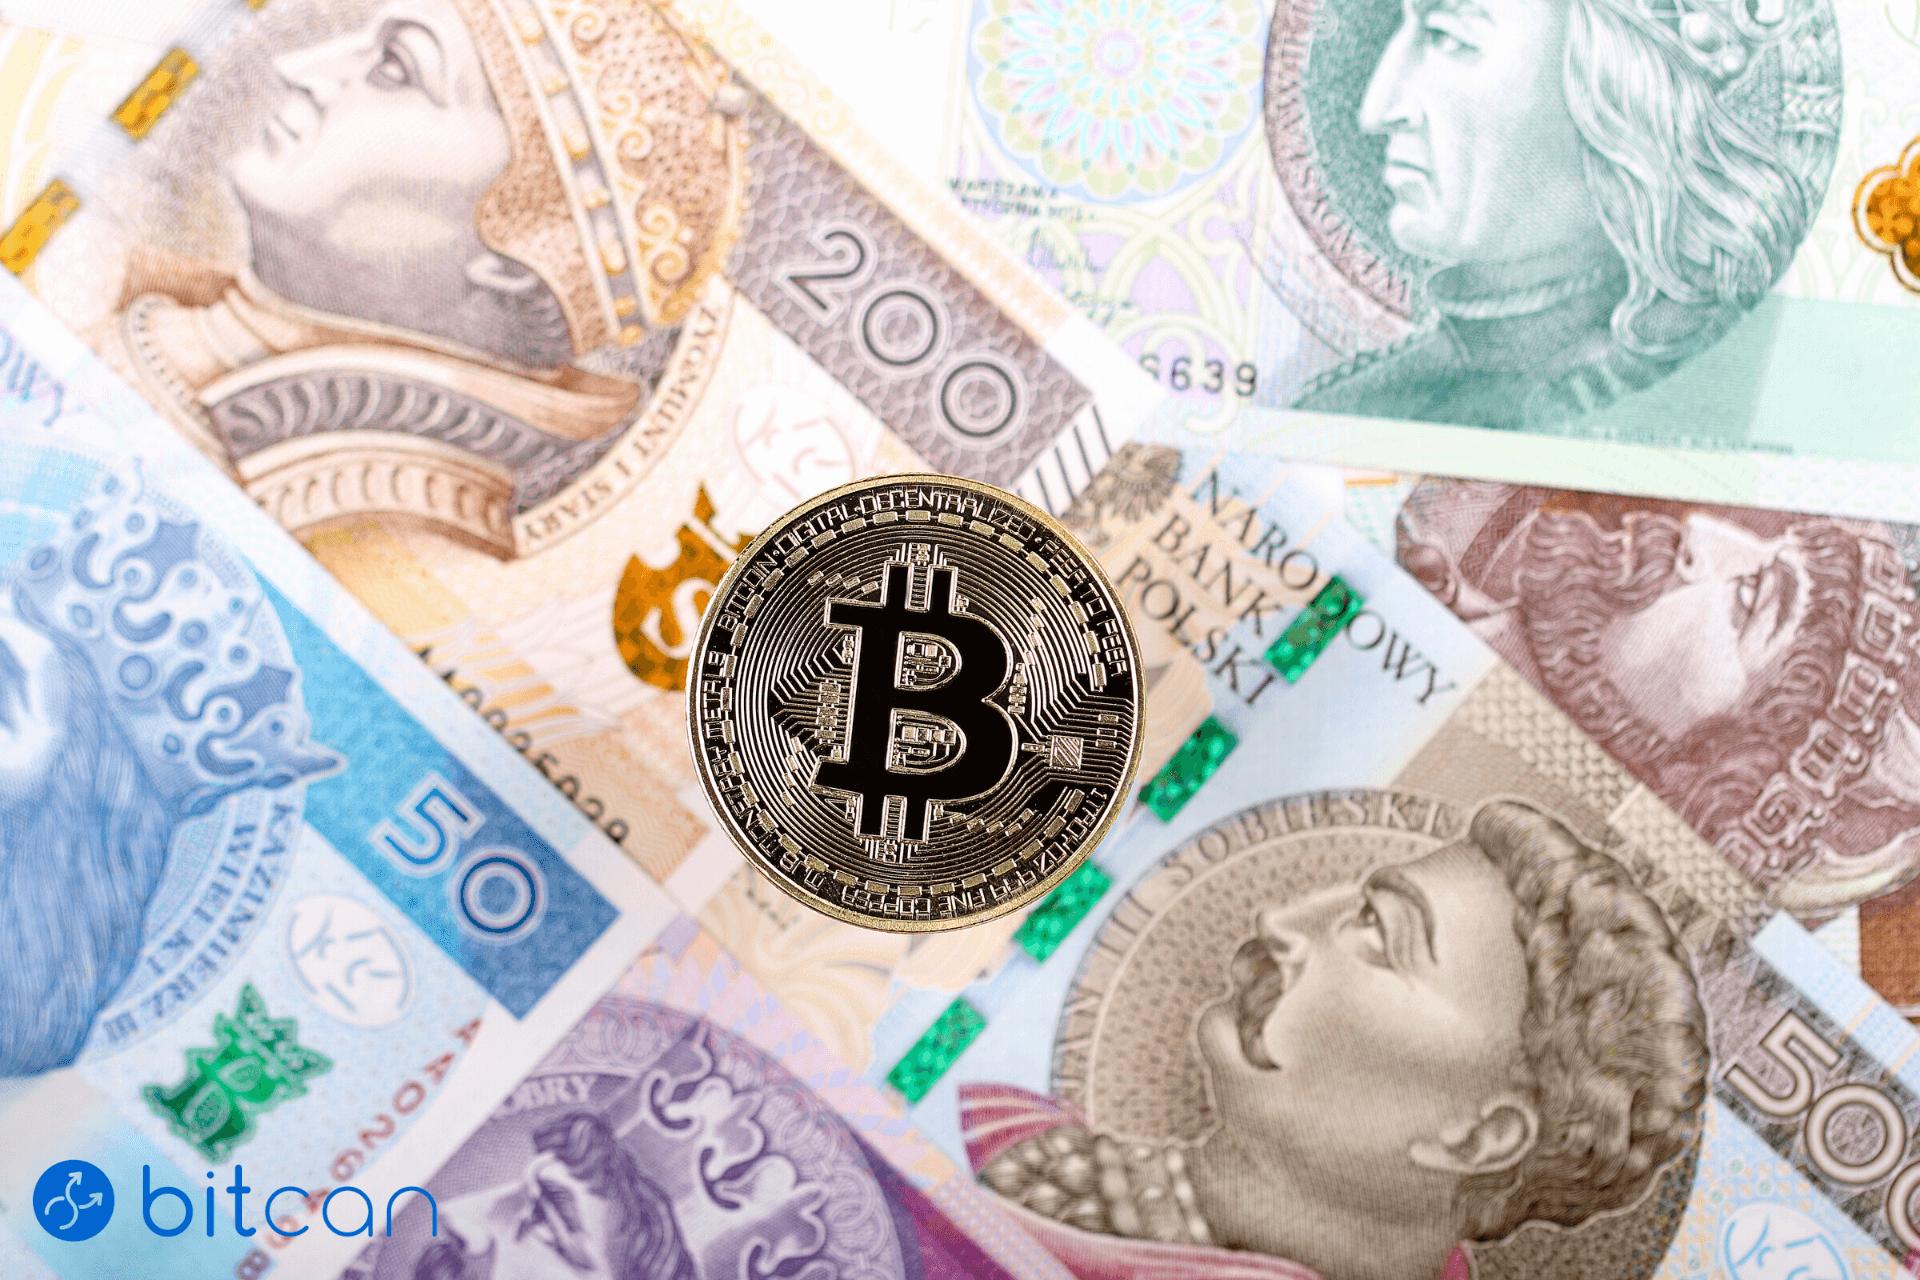 Czy Bitcoin jest legalny w Polsce? Jakie są regulacje prawne Bitcoina?